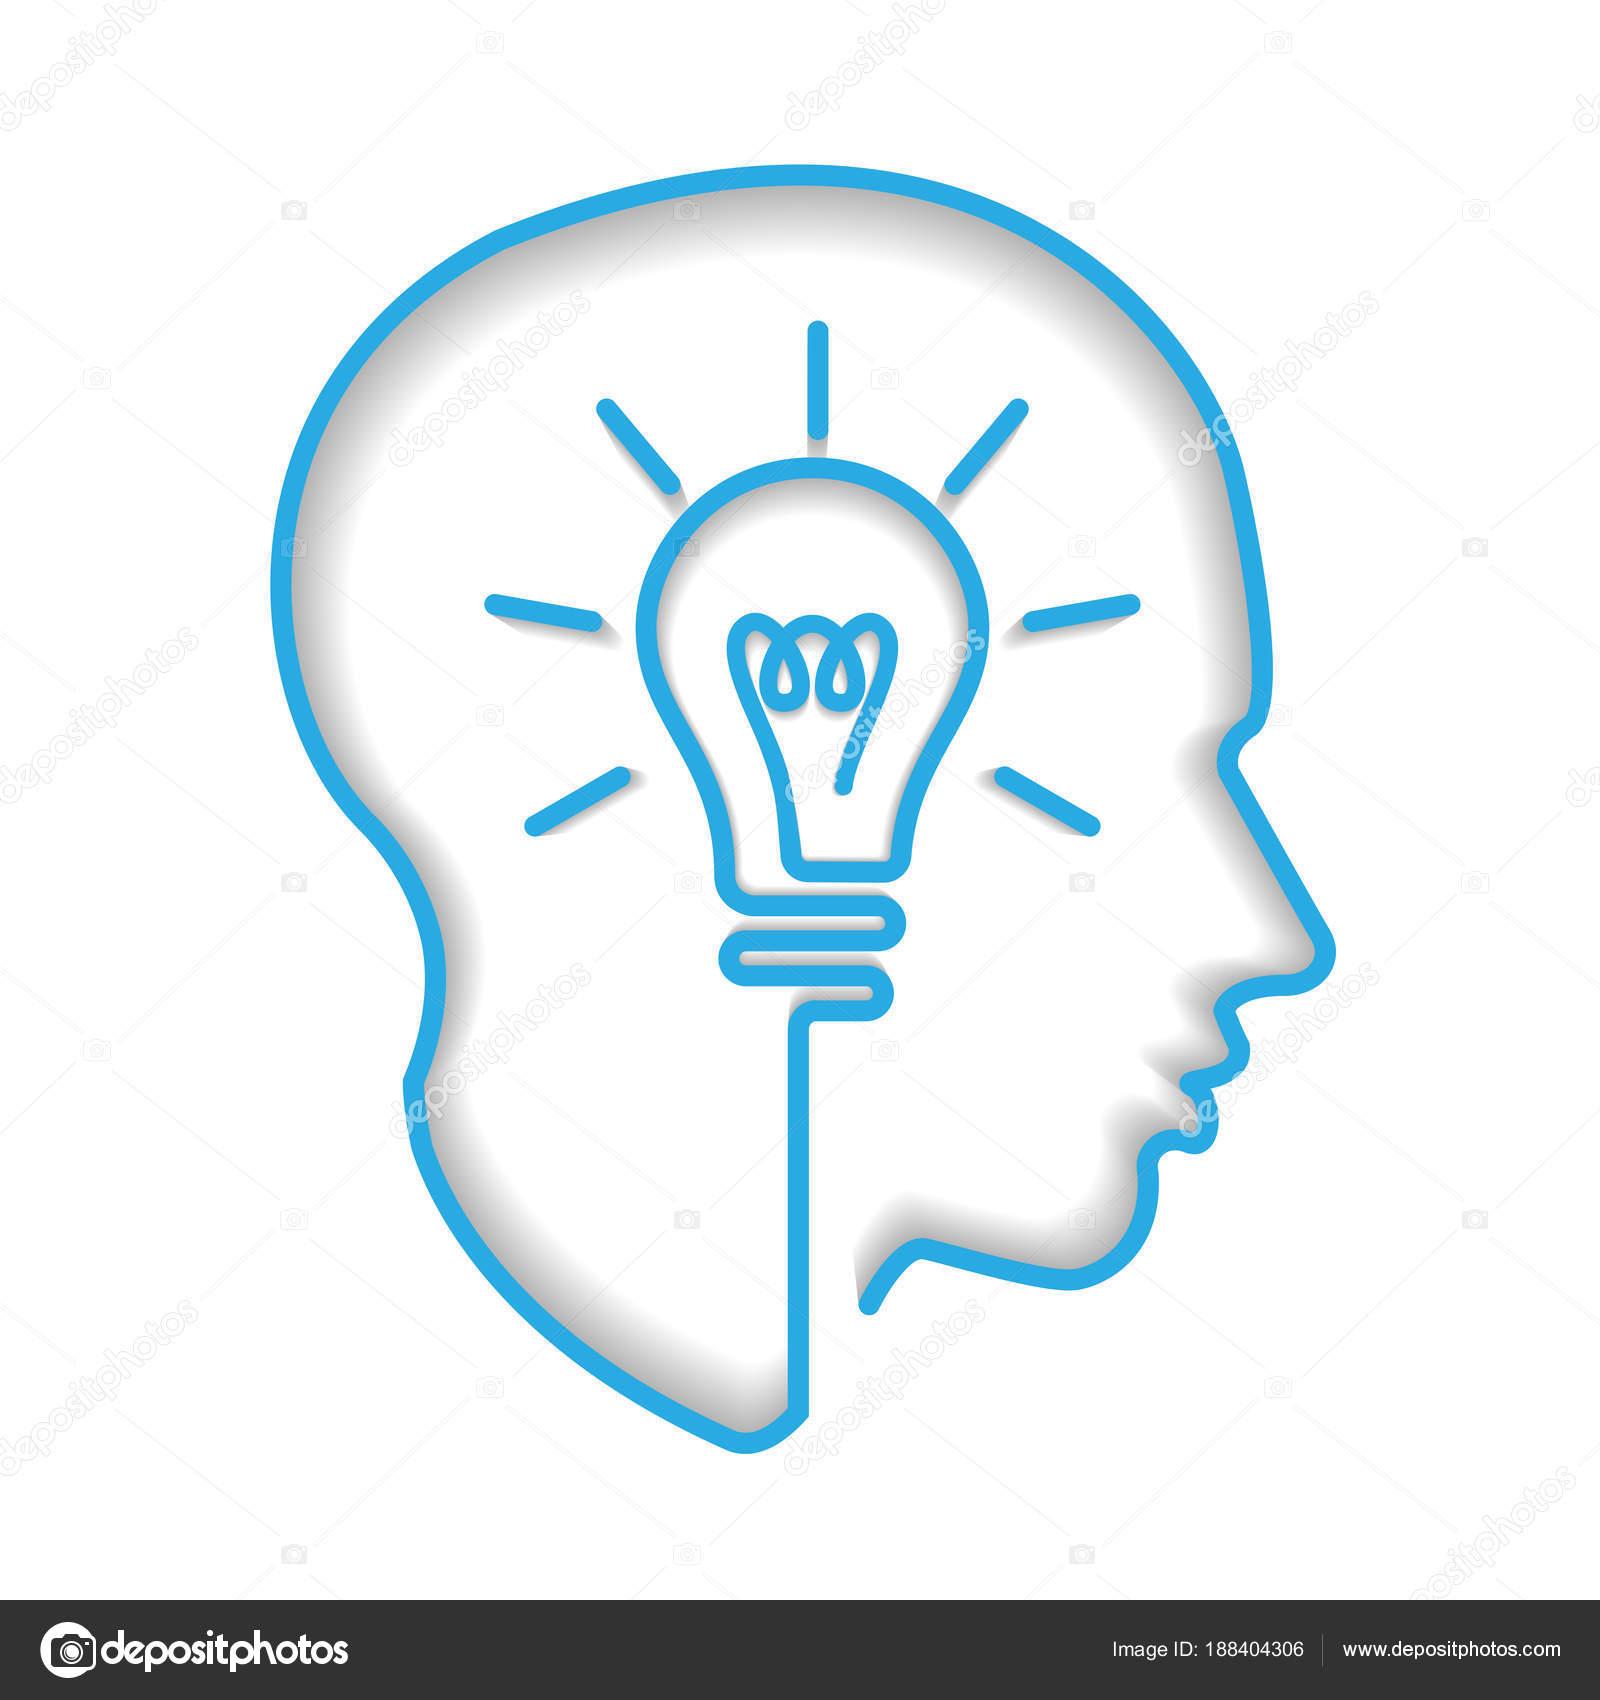 T te nouvelle id e cr ation imagination concept succ s for Idee nouvelle entreprise